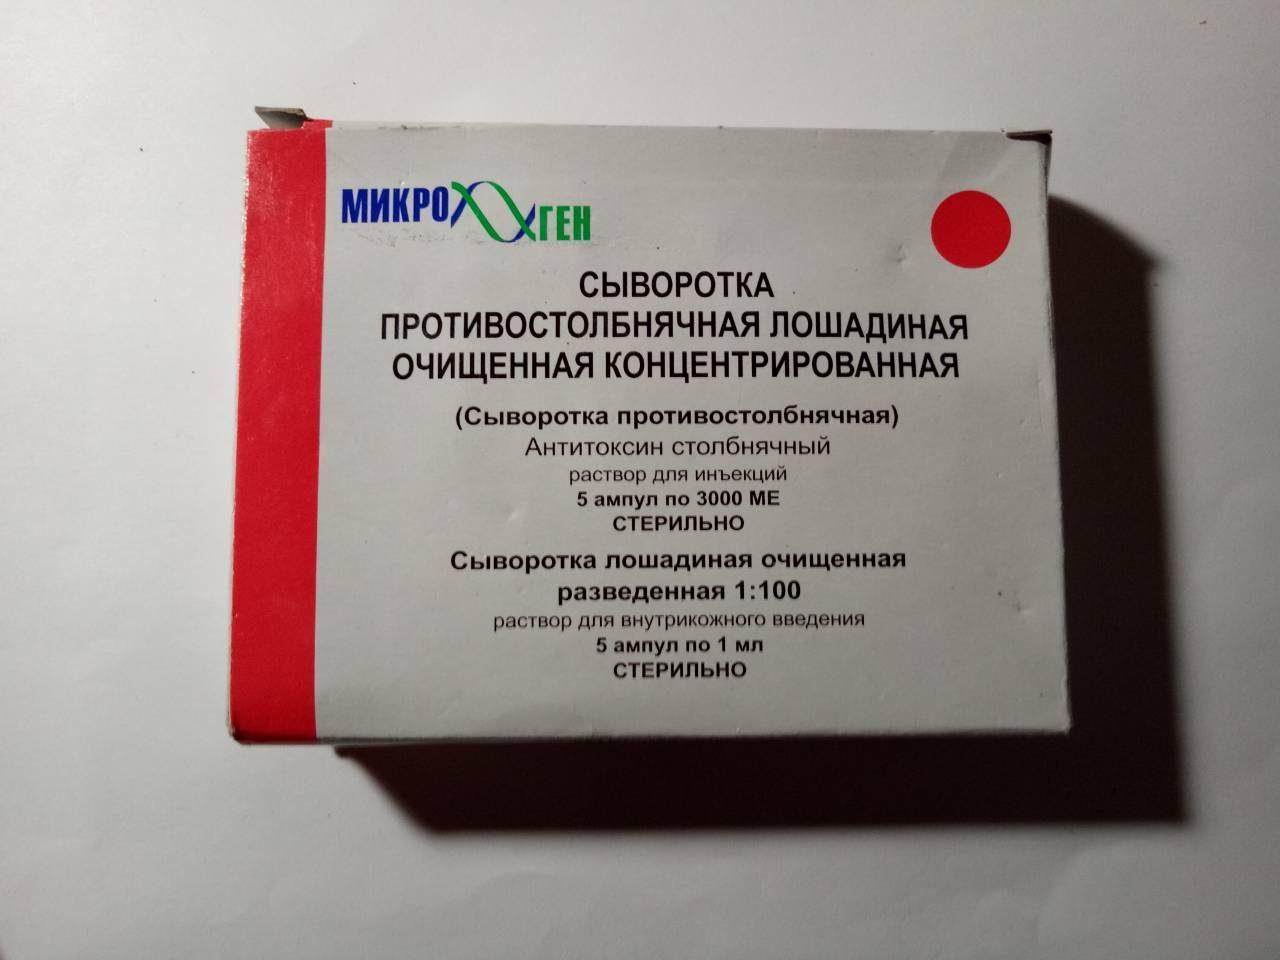 Иммуноглобулин противостолбнячный: состав, показания, дозировка, побочные эффекты